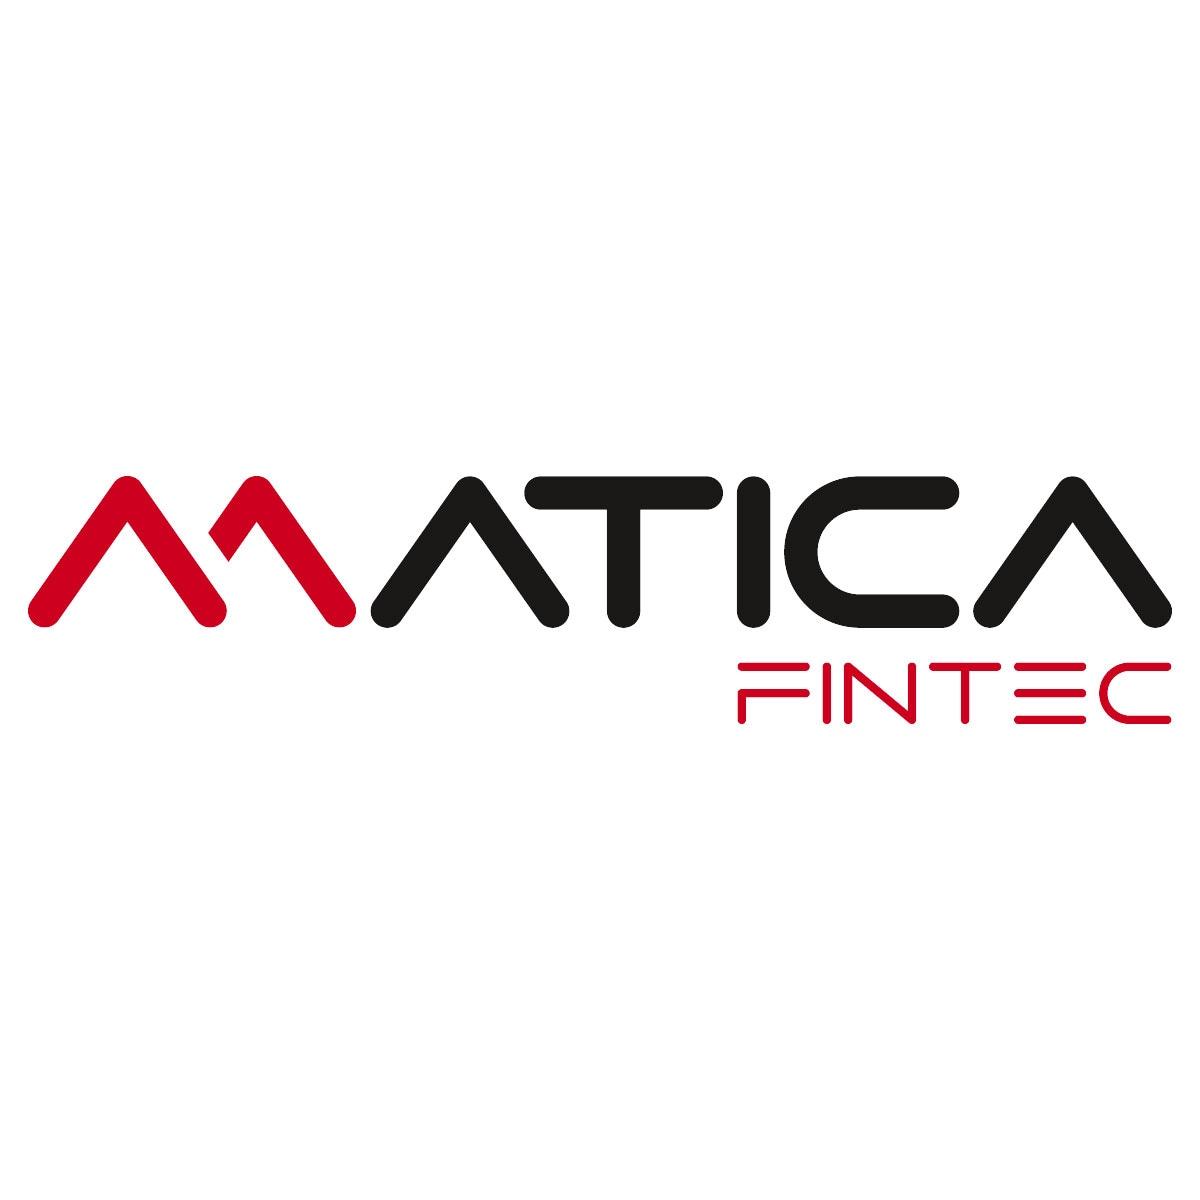 Matica Fintec, il CdA delibera l'emissione di un prestito obbligazionario non convertibile